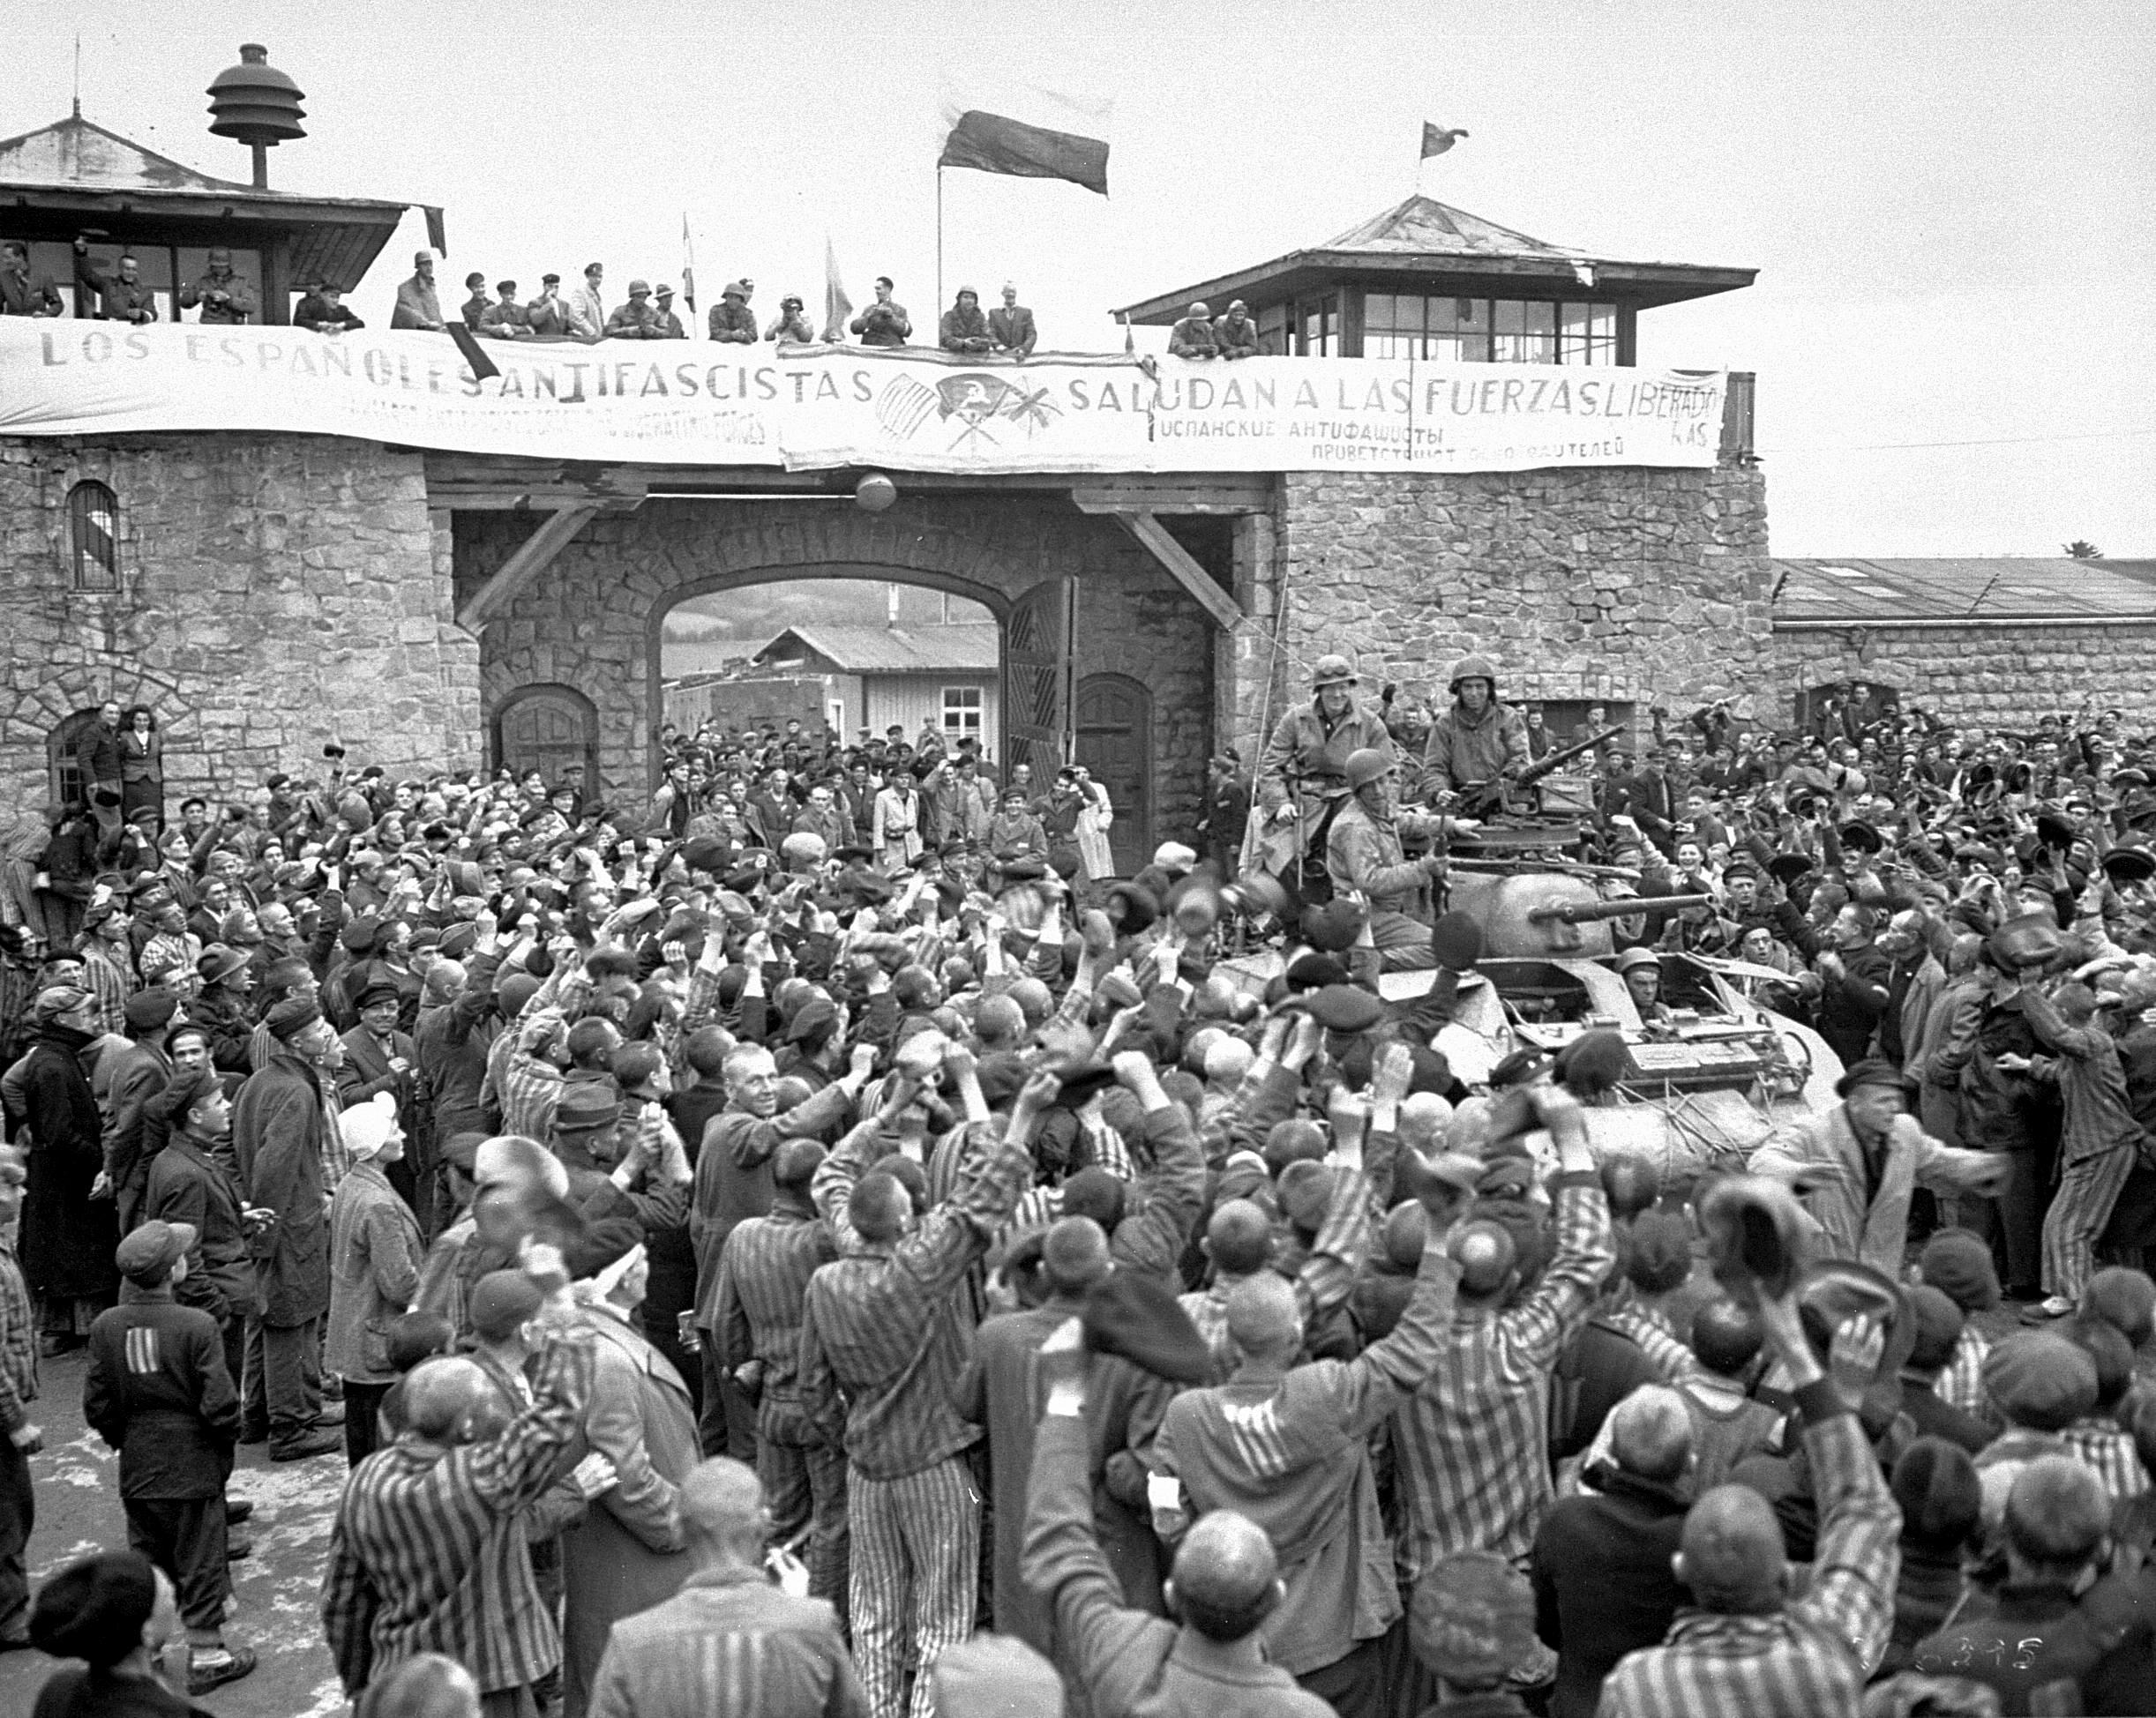 Alliberament del camp de concentració de Mauthausen per la XI Divisió de Cuirassats dels EUA